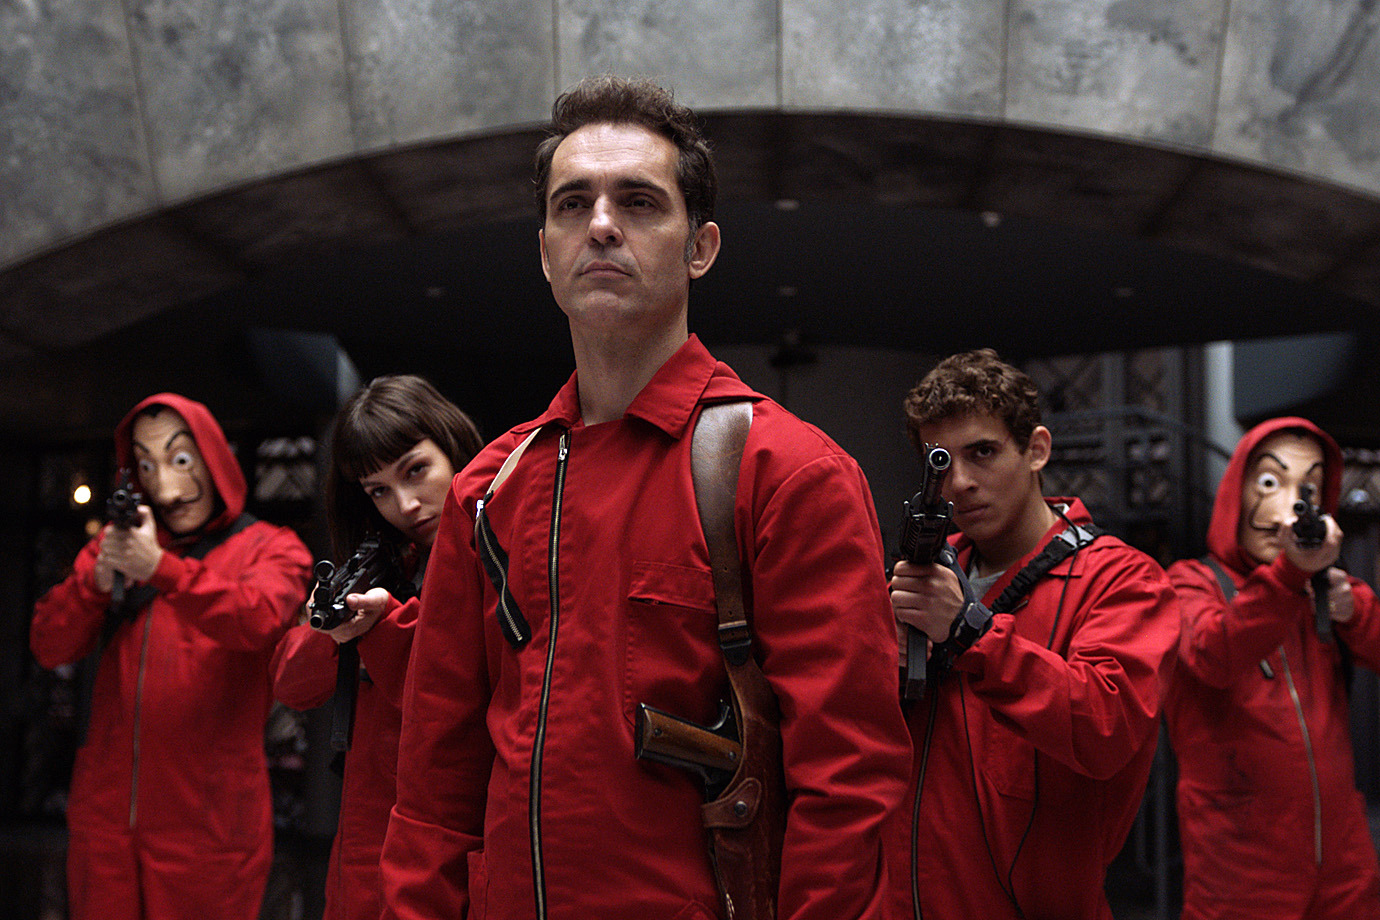 Ansioso? Veja quando La Casa de Papel, Stranger Things e mais séries da Netflix voltam em 2020 - 7